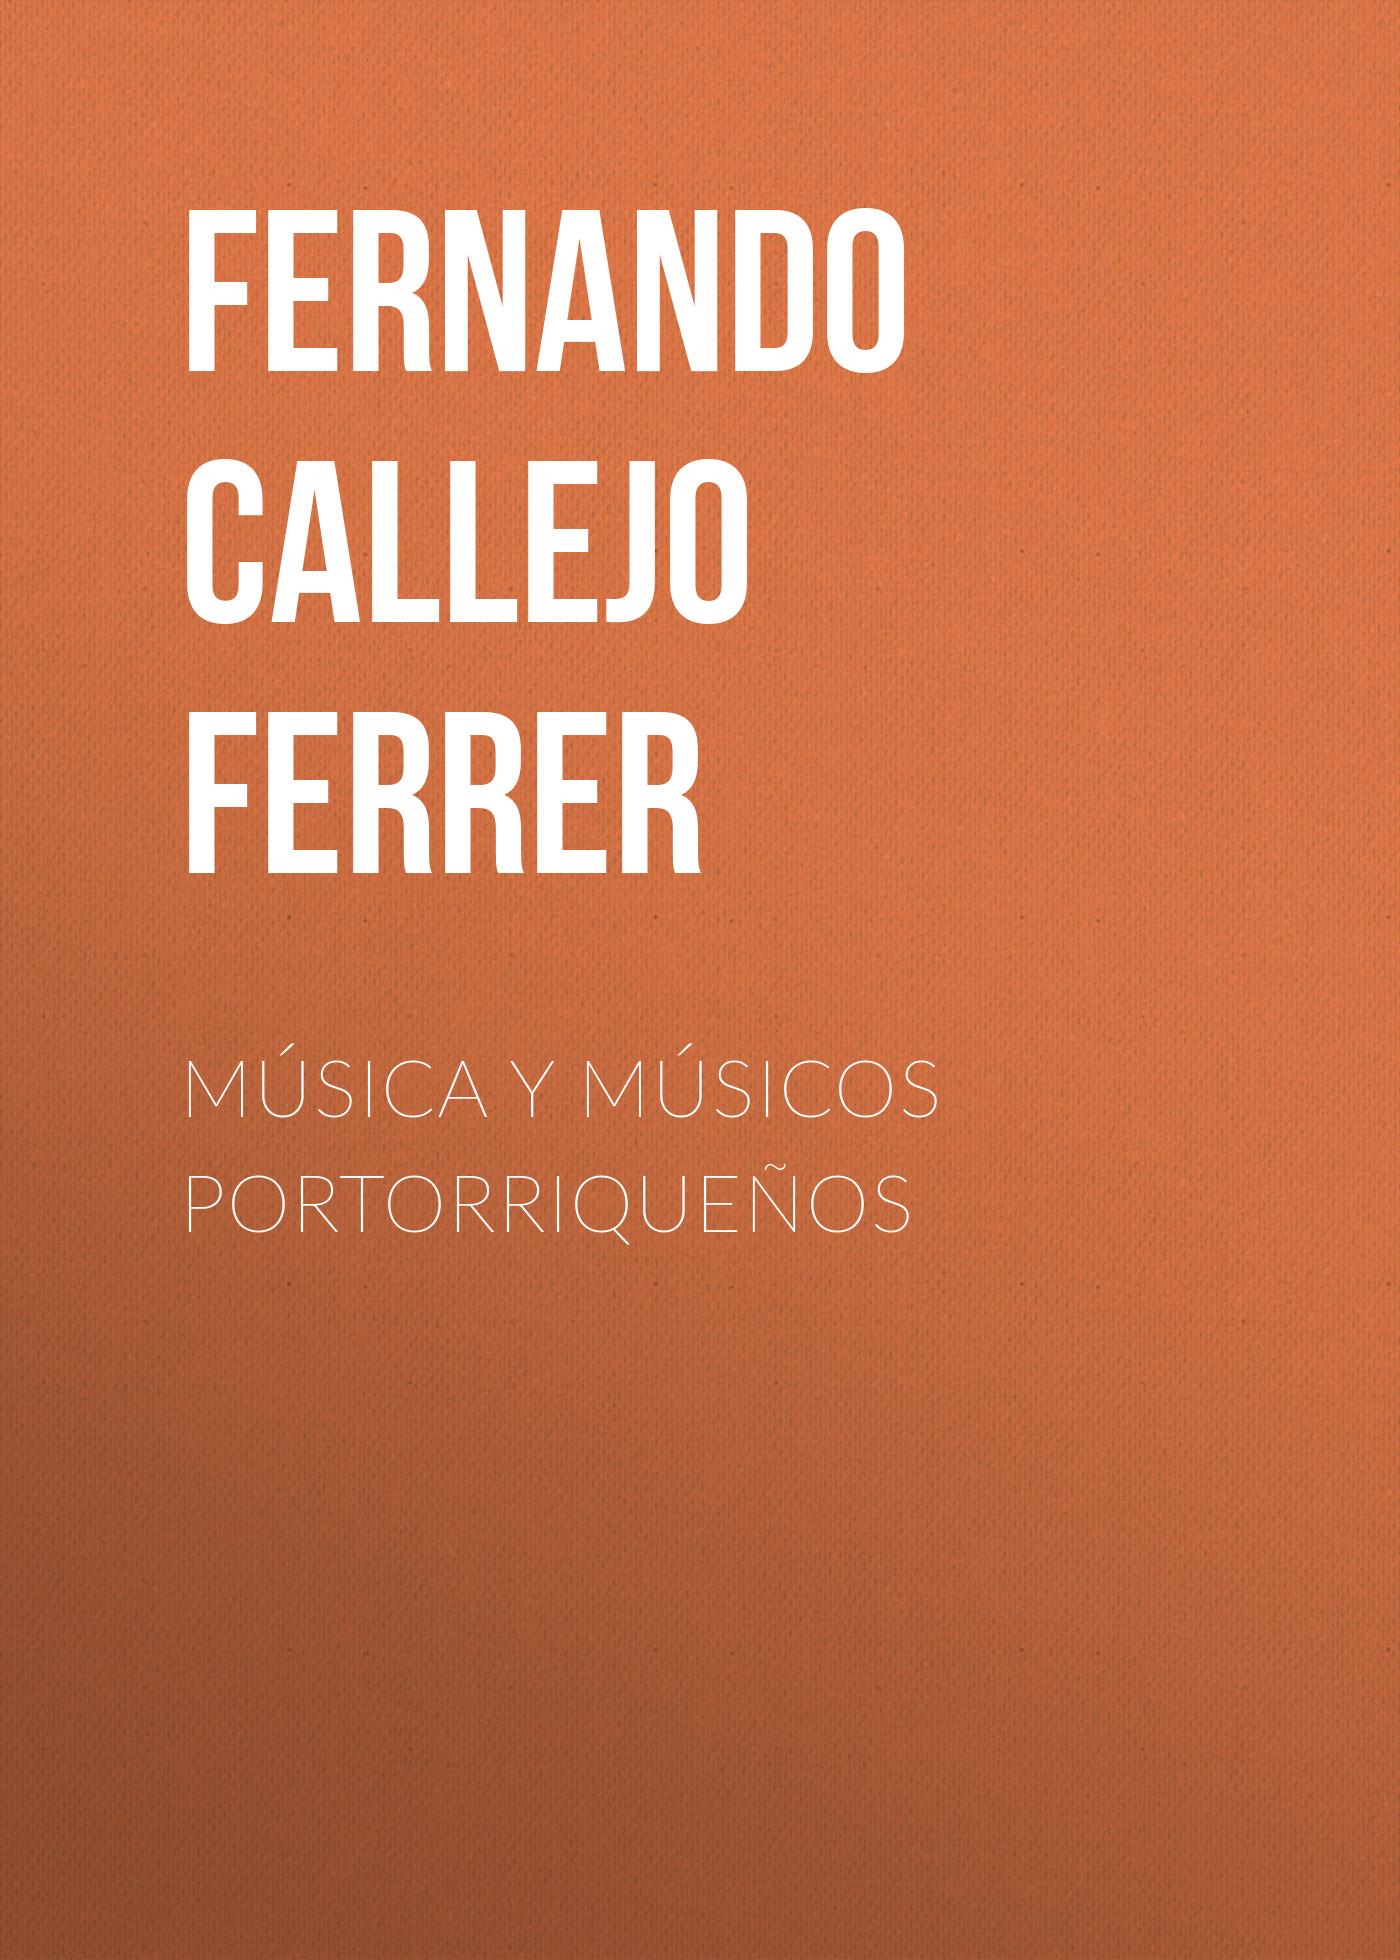 Fernando Callejo Ferrer Música y Músicos Portorriqueños fernando pessoa mensagem